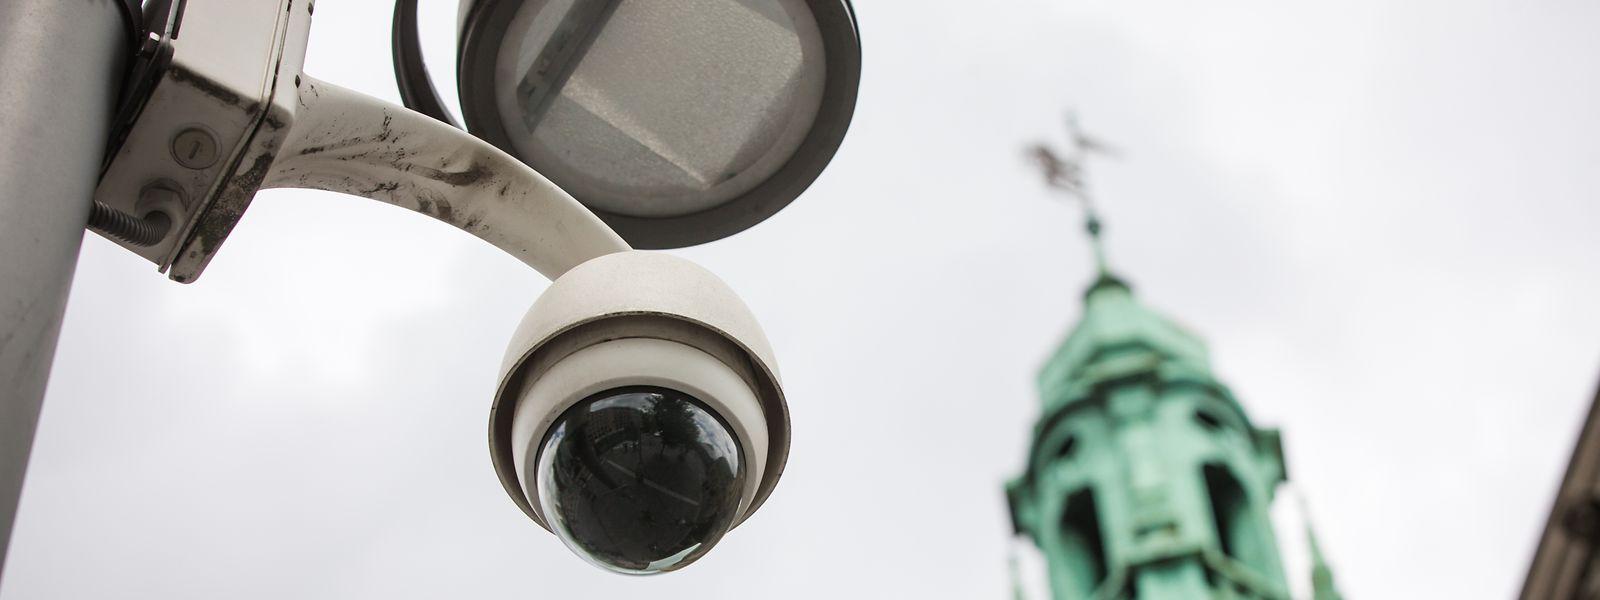 Der Vorplatz des Hauptbahnhofs wird bereits seit 2007 per Kameras kontrolliert, nun wird die Überwachung auf das Viertel ausgeweitet.